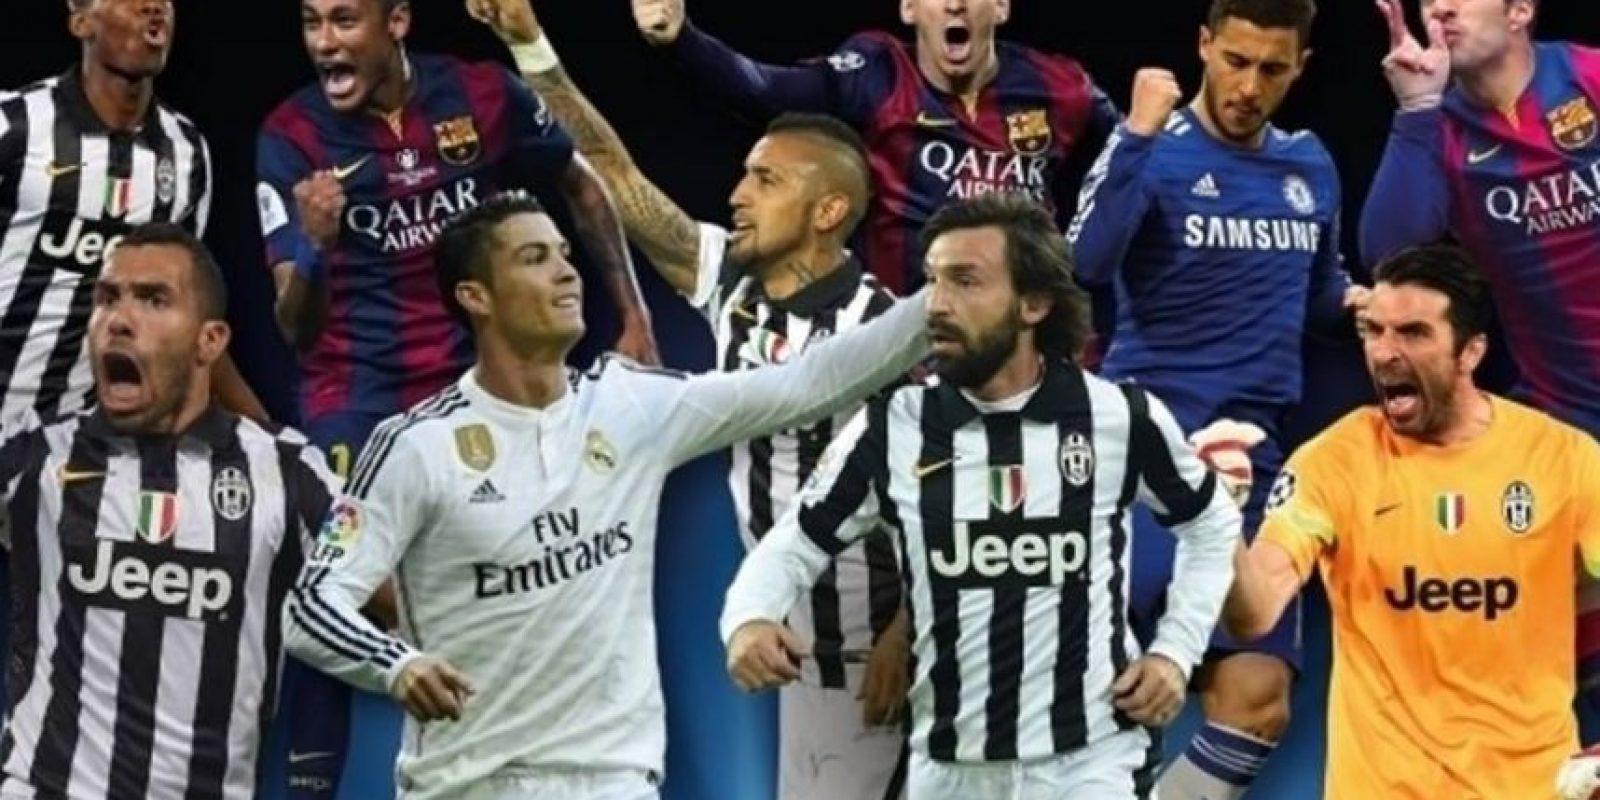 La UEFA anunció a sus candidatos para ganar el premio al Jugador del Año y ellos son los elegidos. Foto:Uefa.com